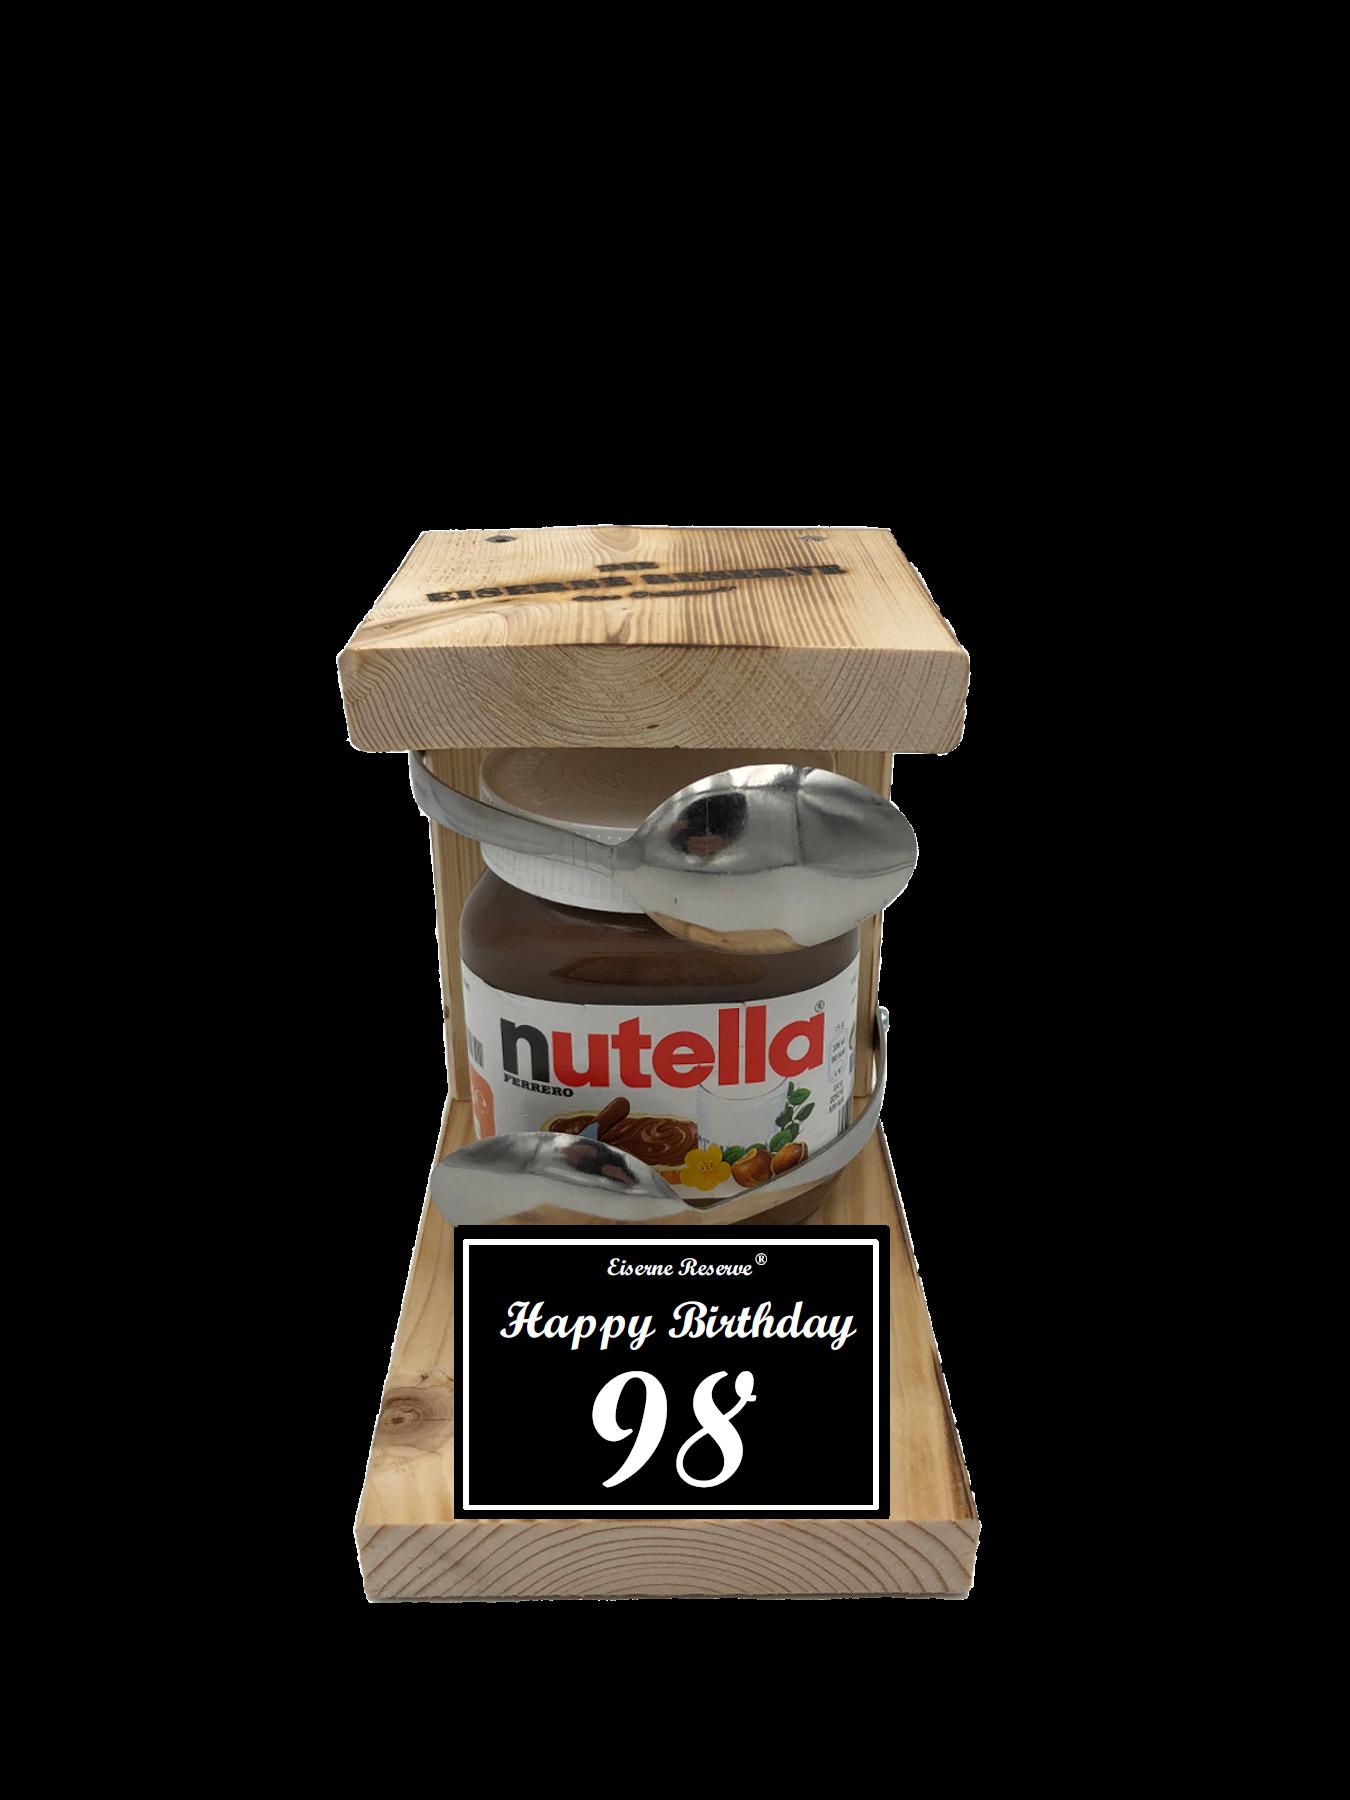 98 Happy Birthday Löffel Nutella Geschenk - Die Nutella Geschenkidee